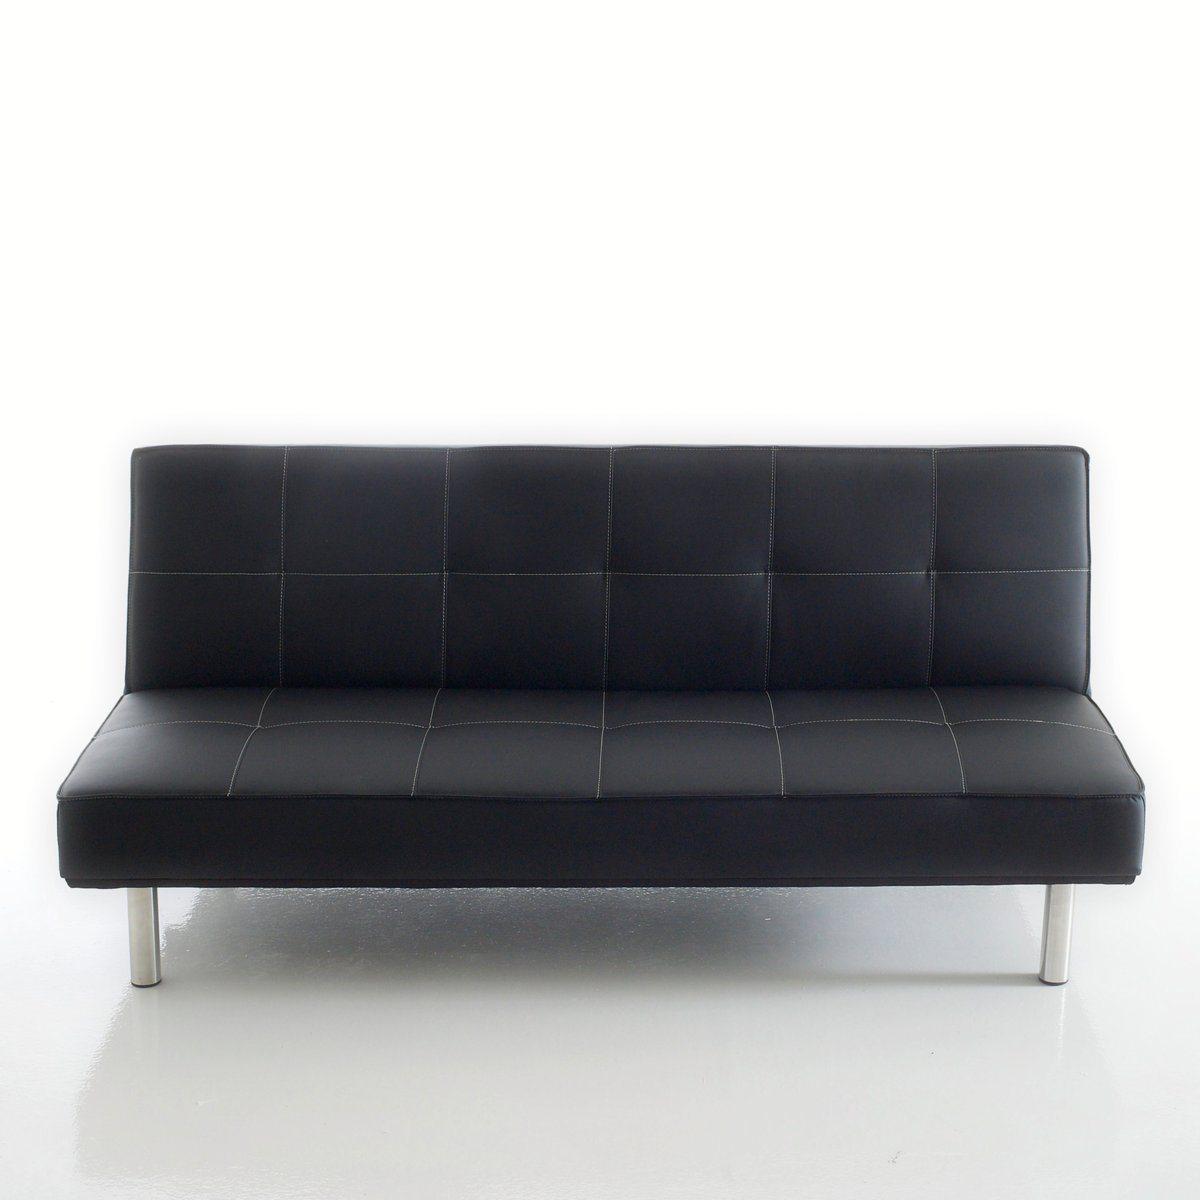 Clic clac, un canapé lit ultra fonctionnel